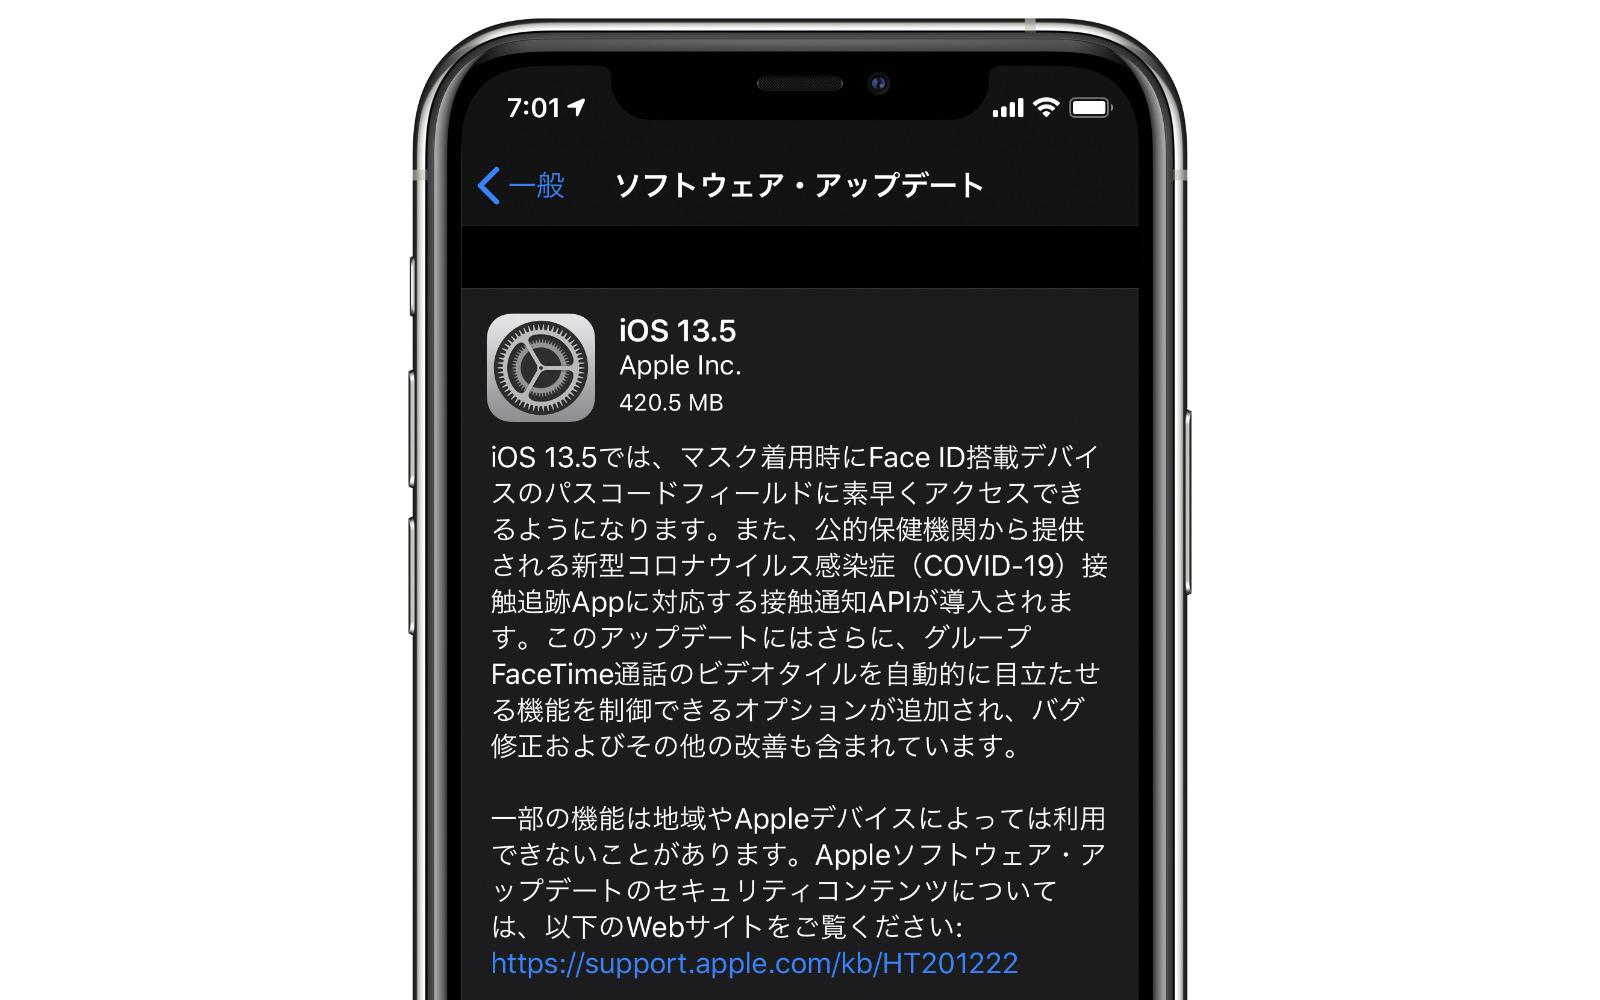 Ios13 5 update